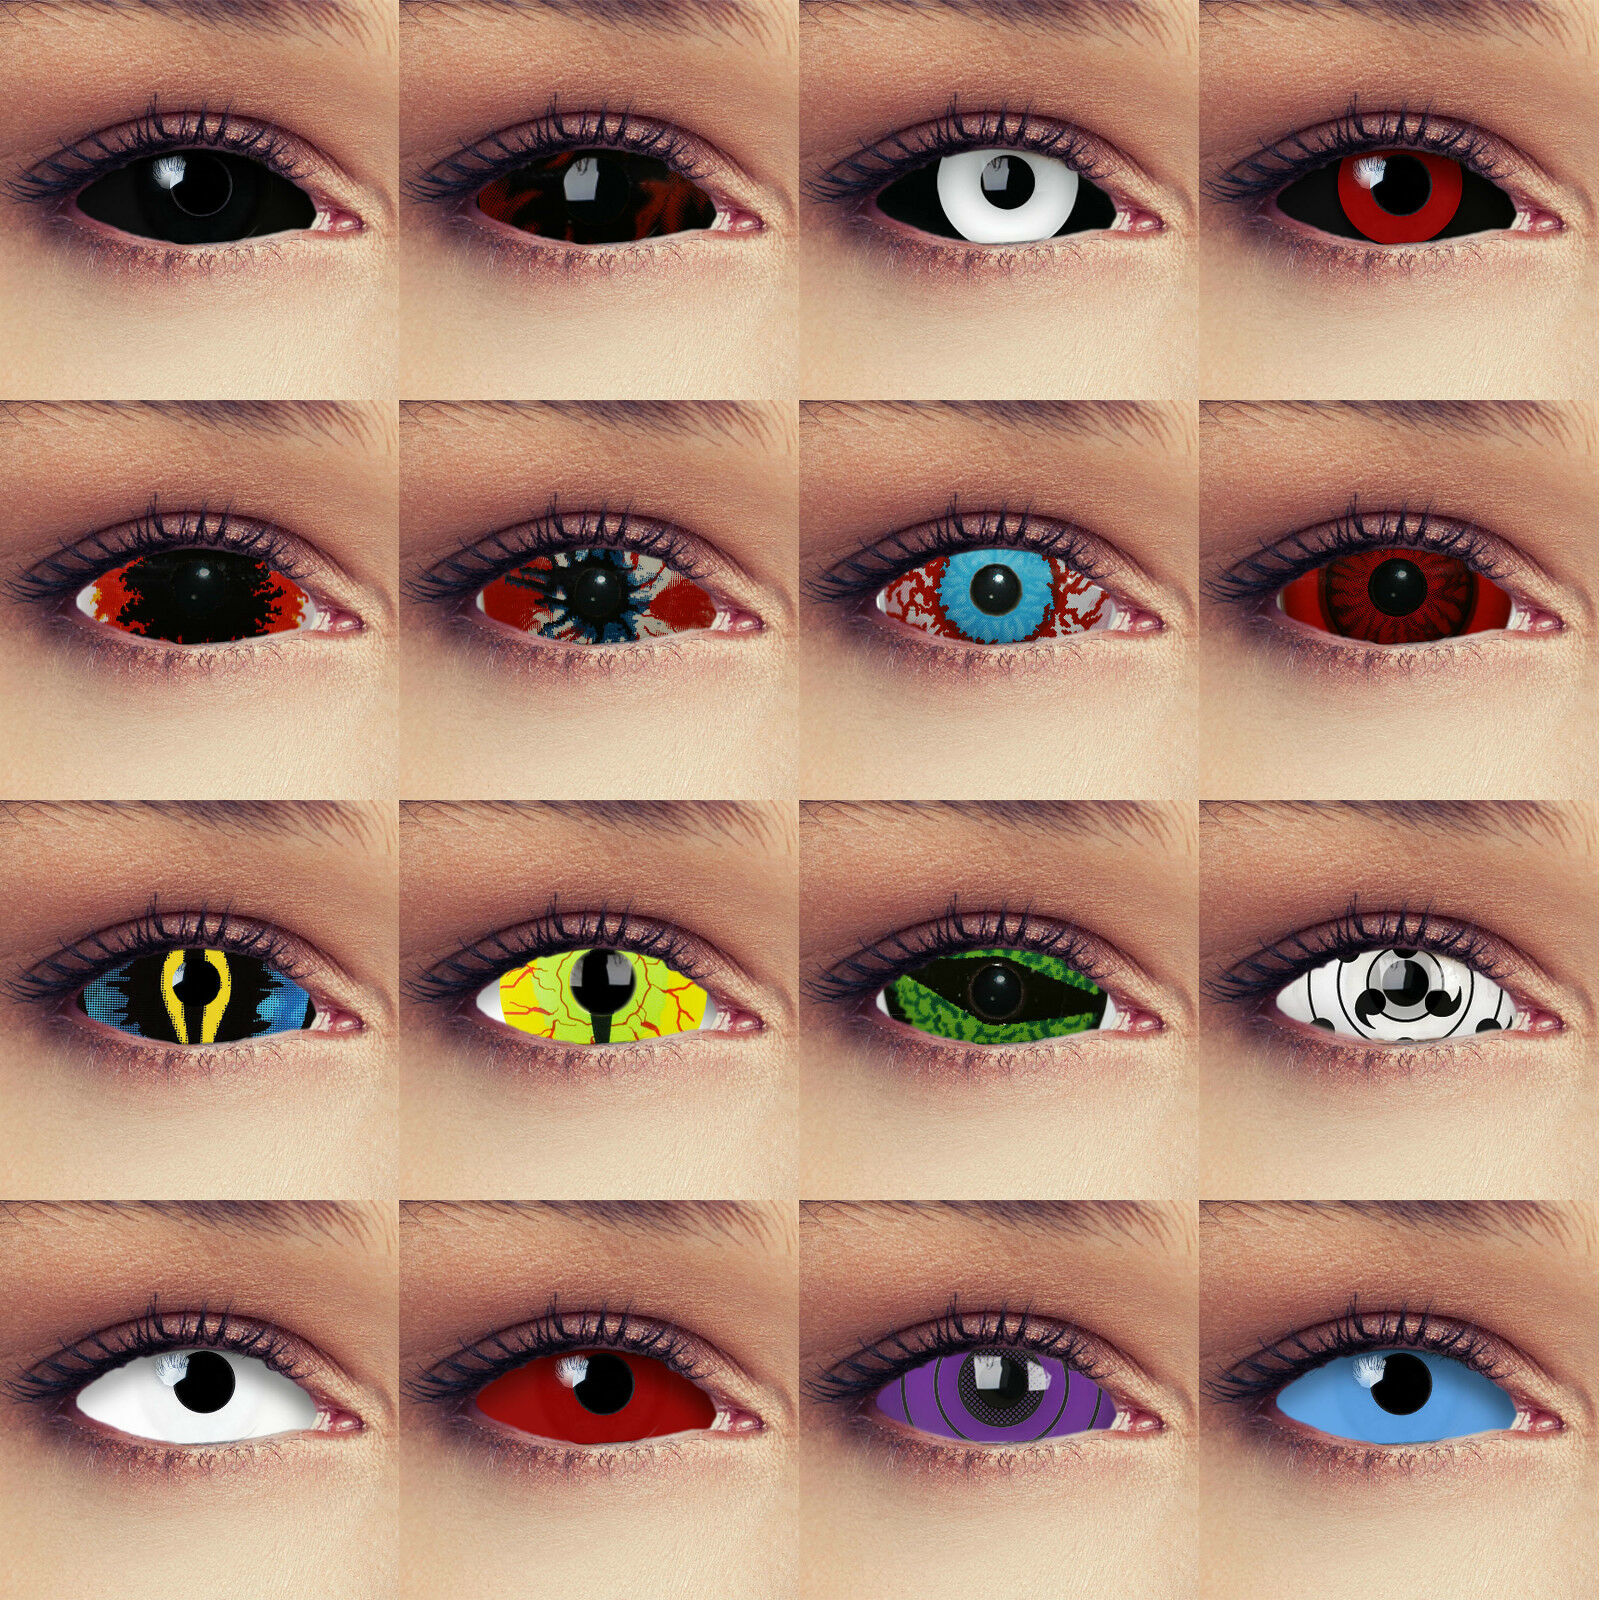 22mm Full sclera Kontaktlinsen in Rot weiß schwarz blau für Halloween Kostüm